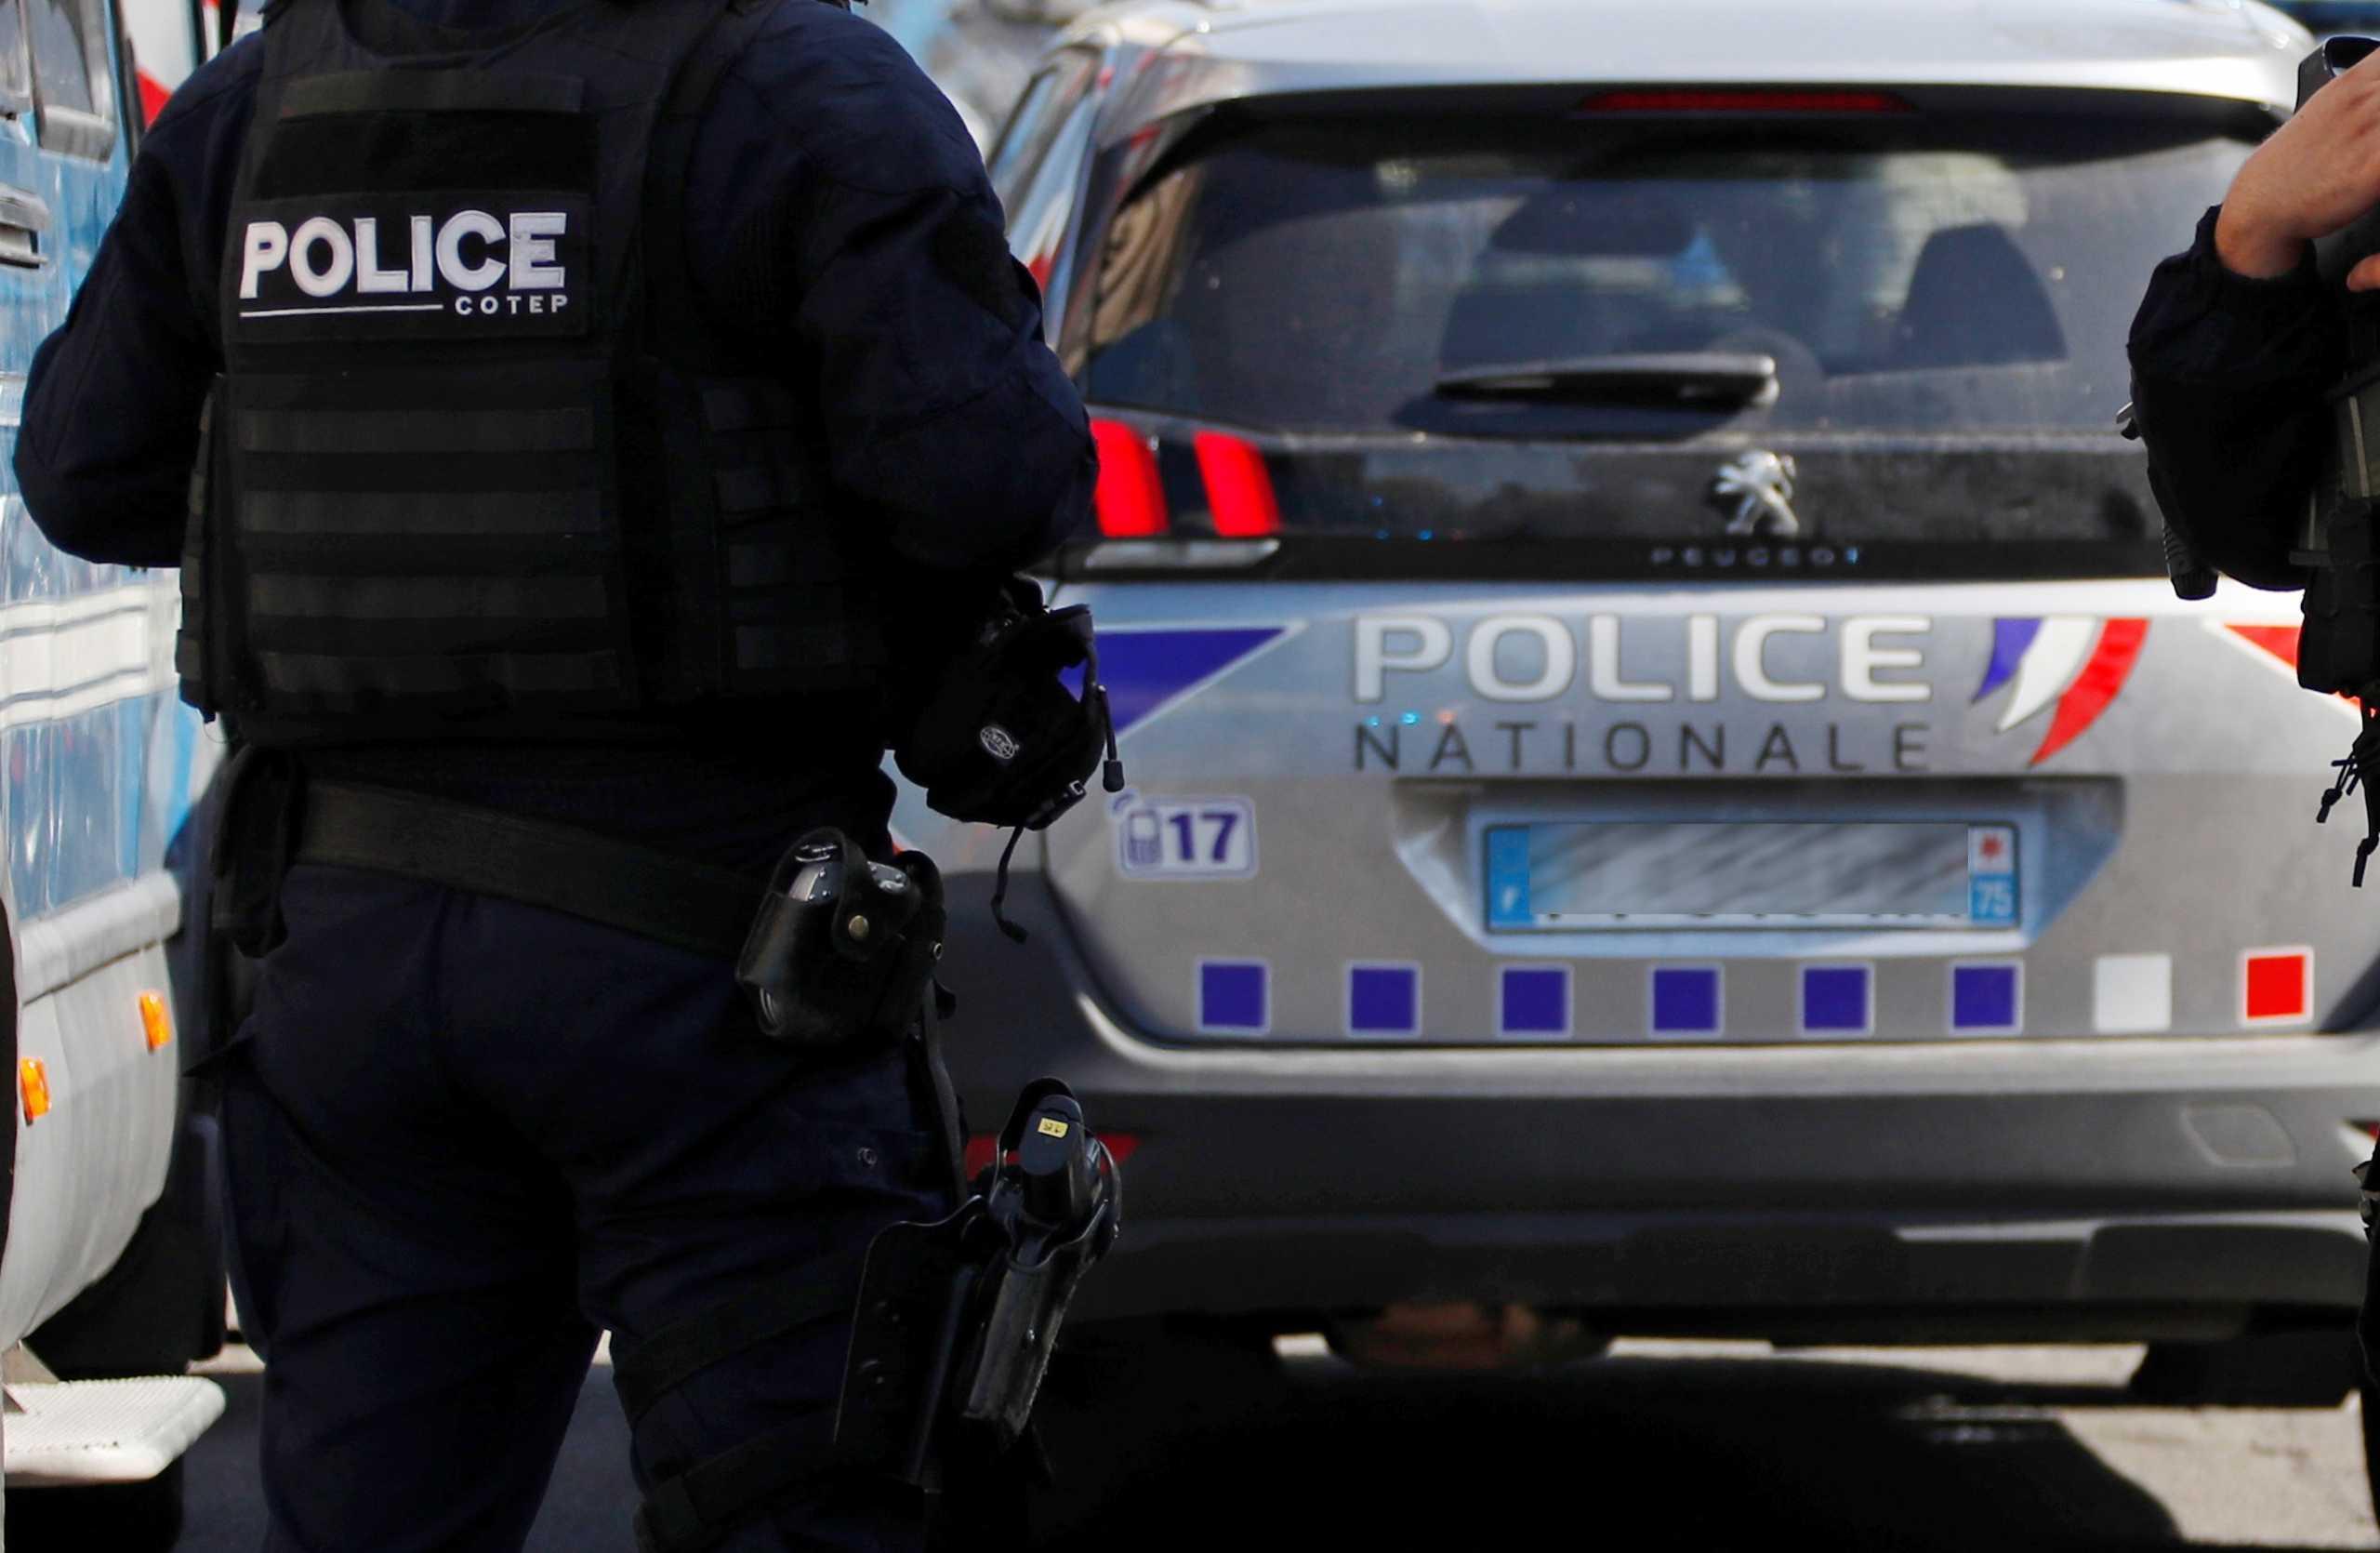 Μάνα και κόρη κρατούσαν κλειδωμένο το μικρότερο κορίτσι της οικογένειας για «θρησκευτικούς λόγους» στη Γαλλία